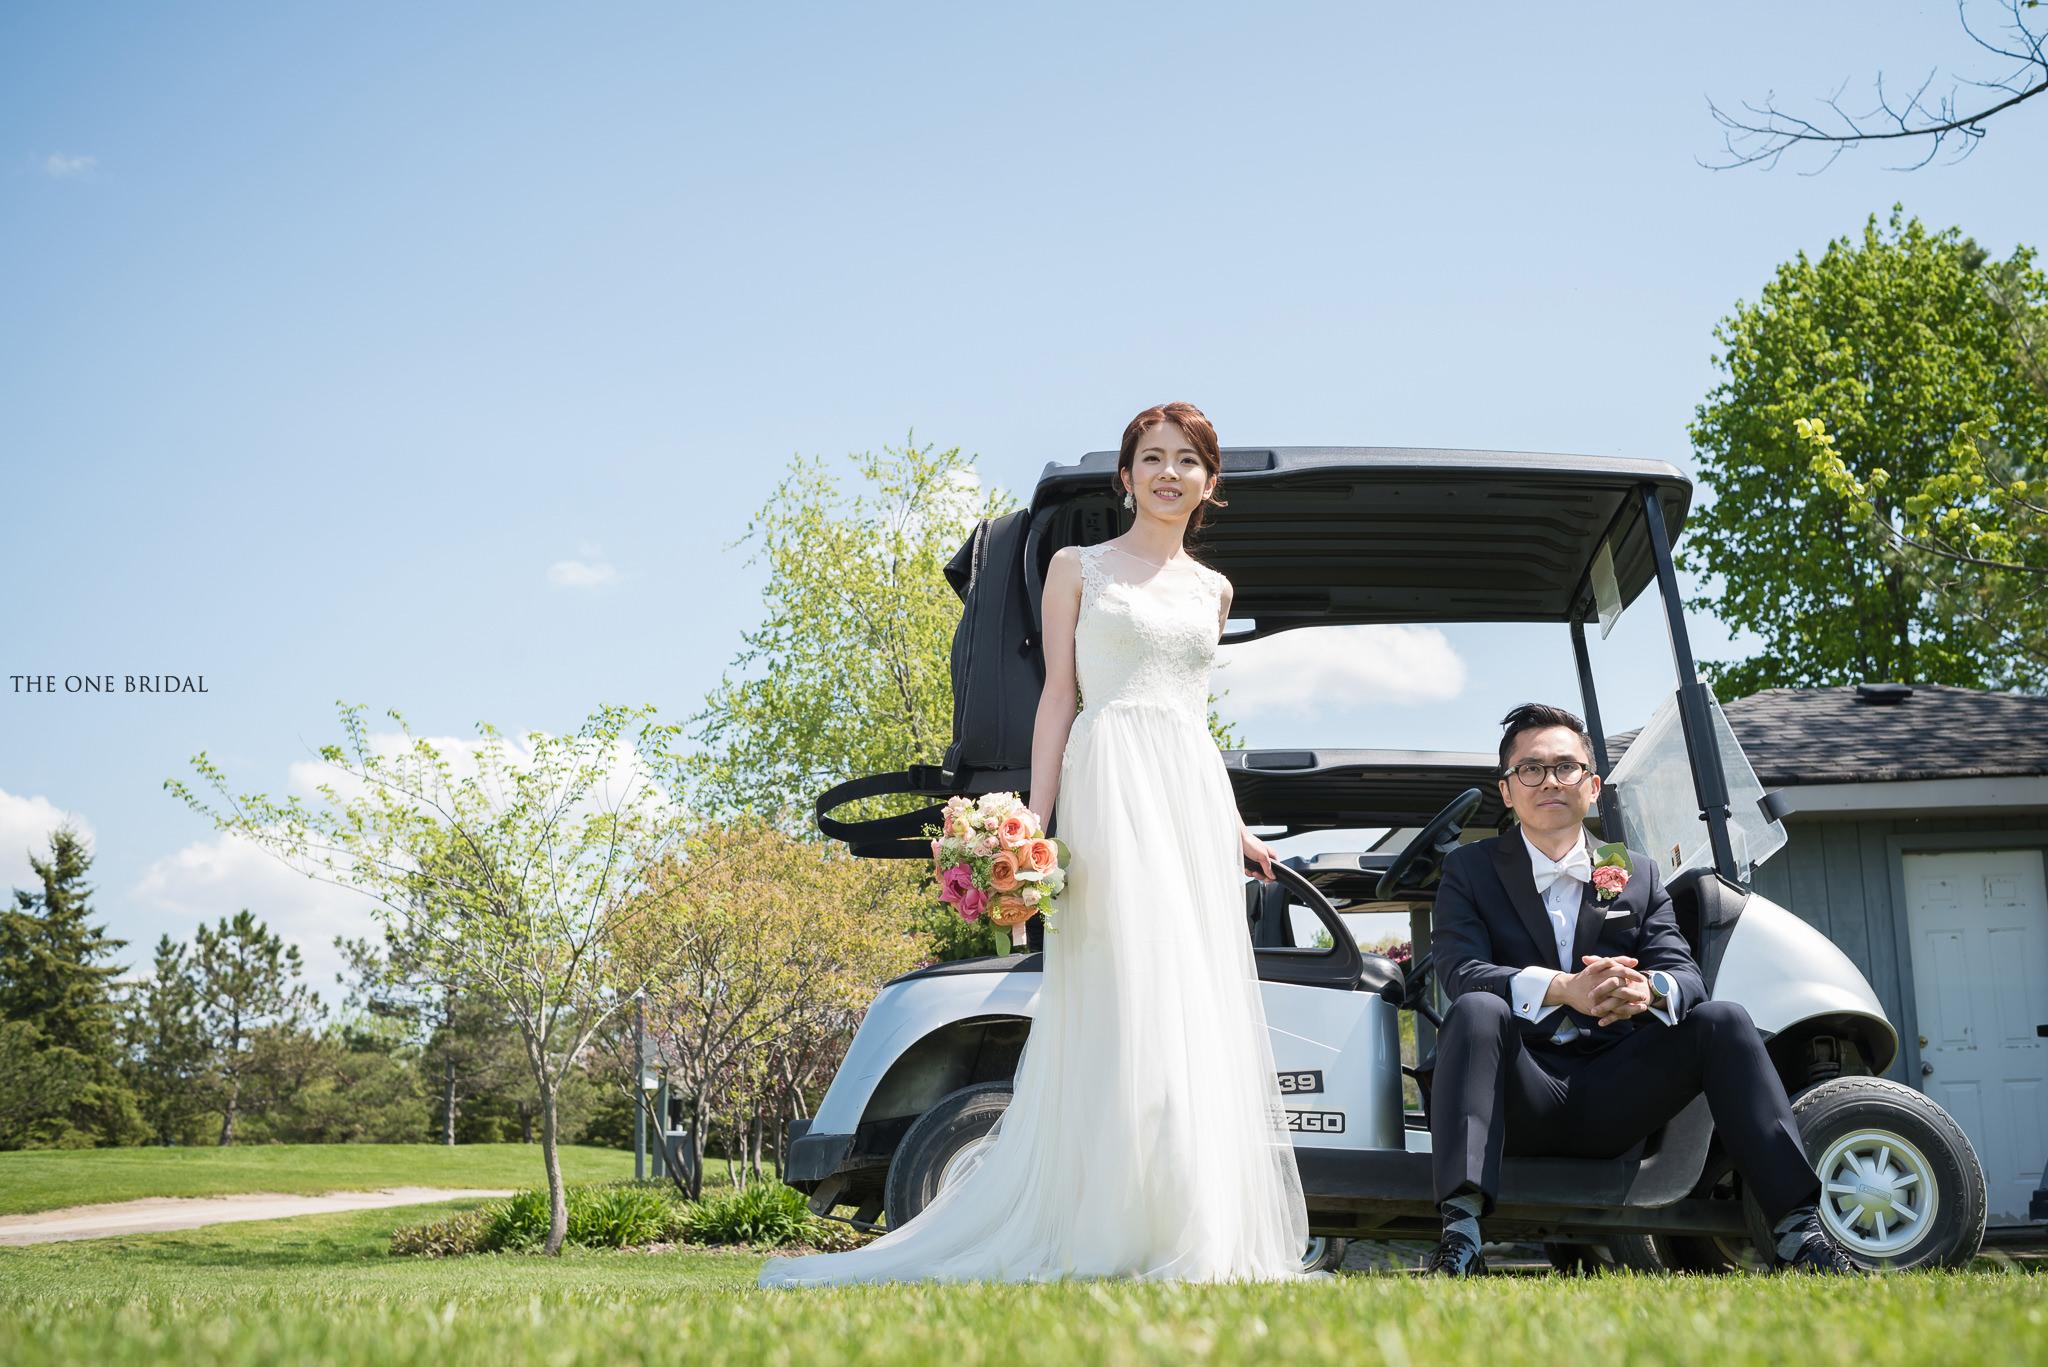 mandarin-golf-club-wedding-markham-the-one-bridal-031